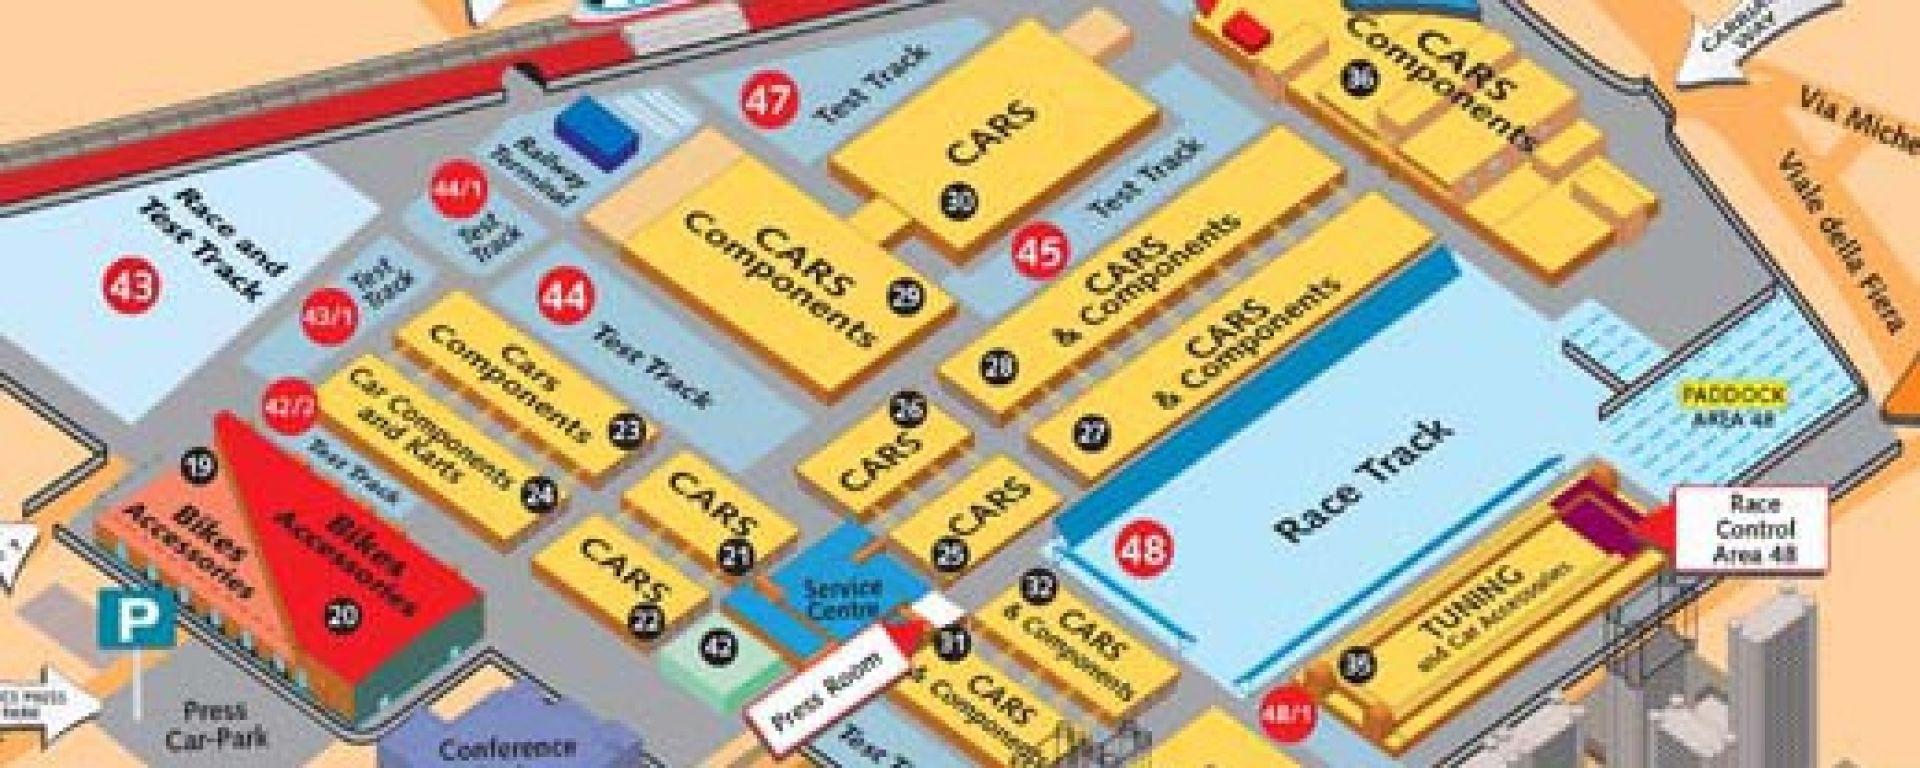 Motorshow 2001: le curiosità tra gli stand